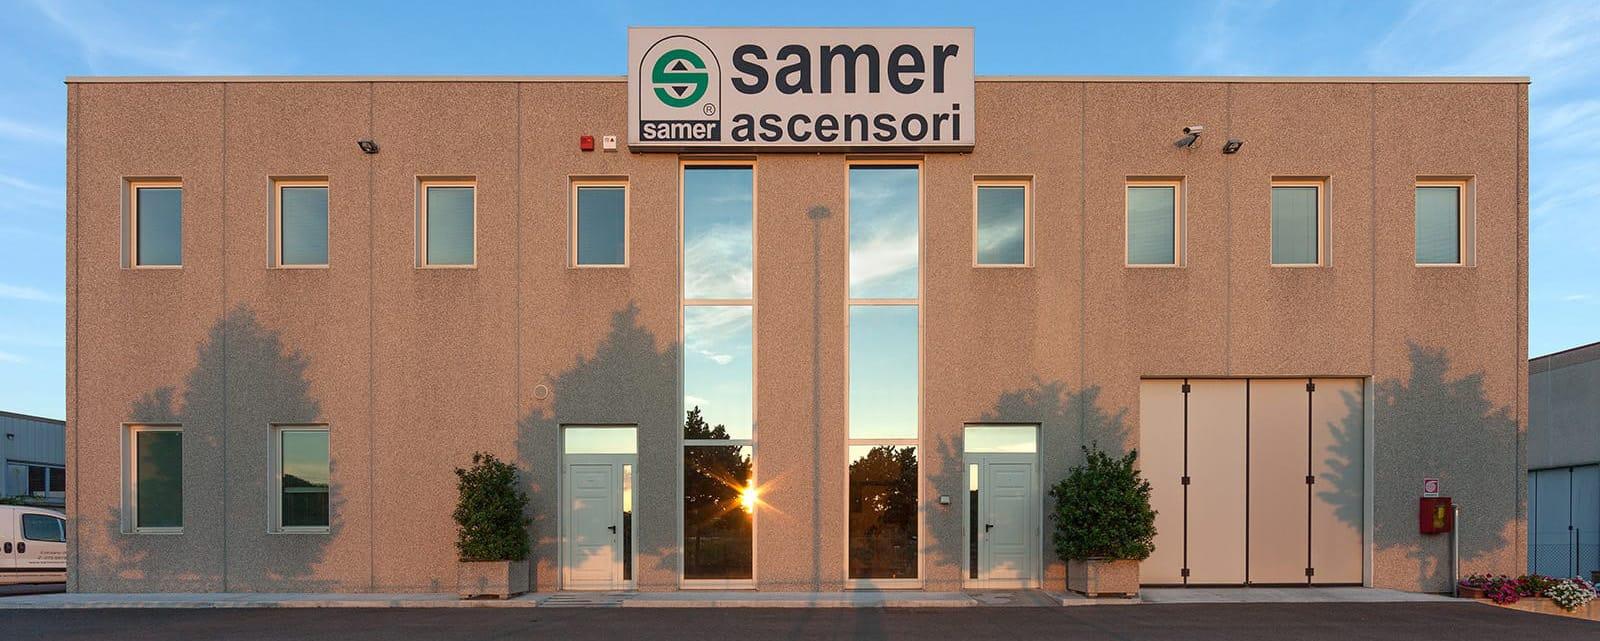 Certificazioni | Samer Ascensori, Perugia - Umbria